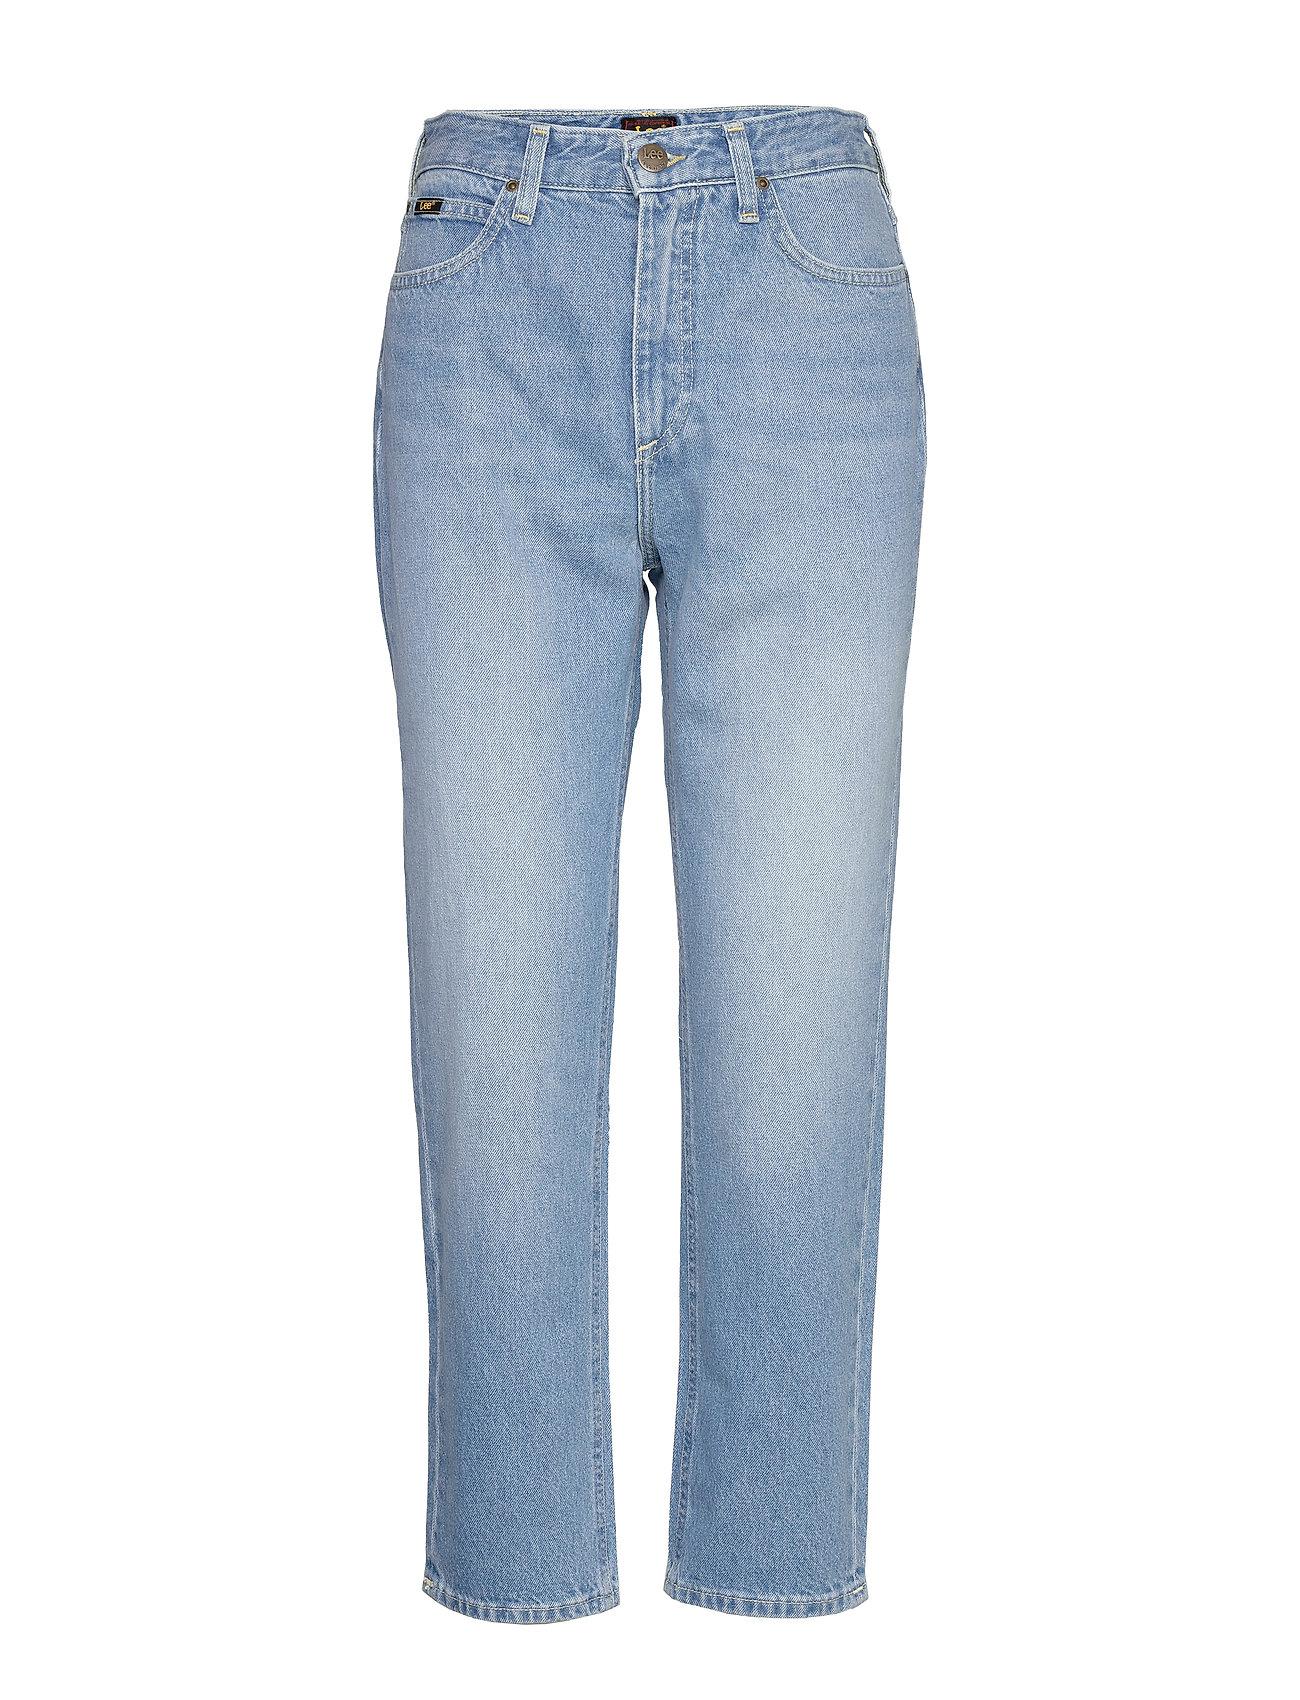 Image of 90´S Carol Lige Jeans Blå Lee Jeans (3421728757)